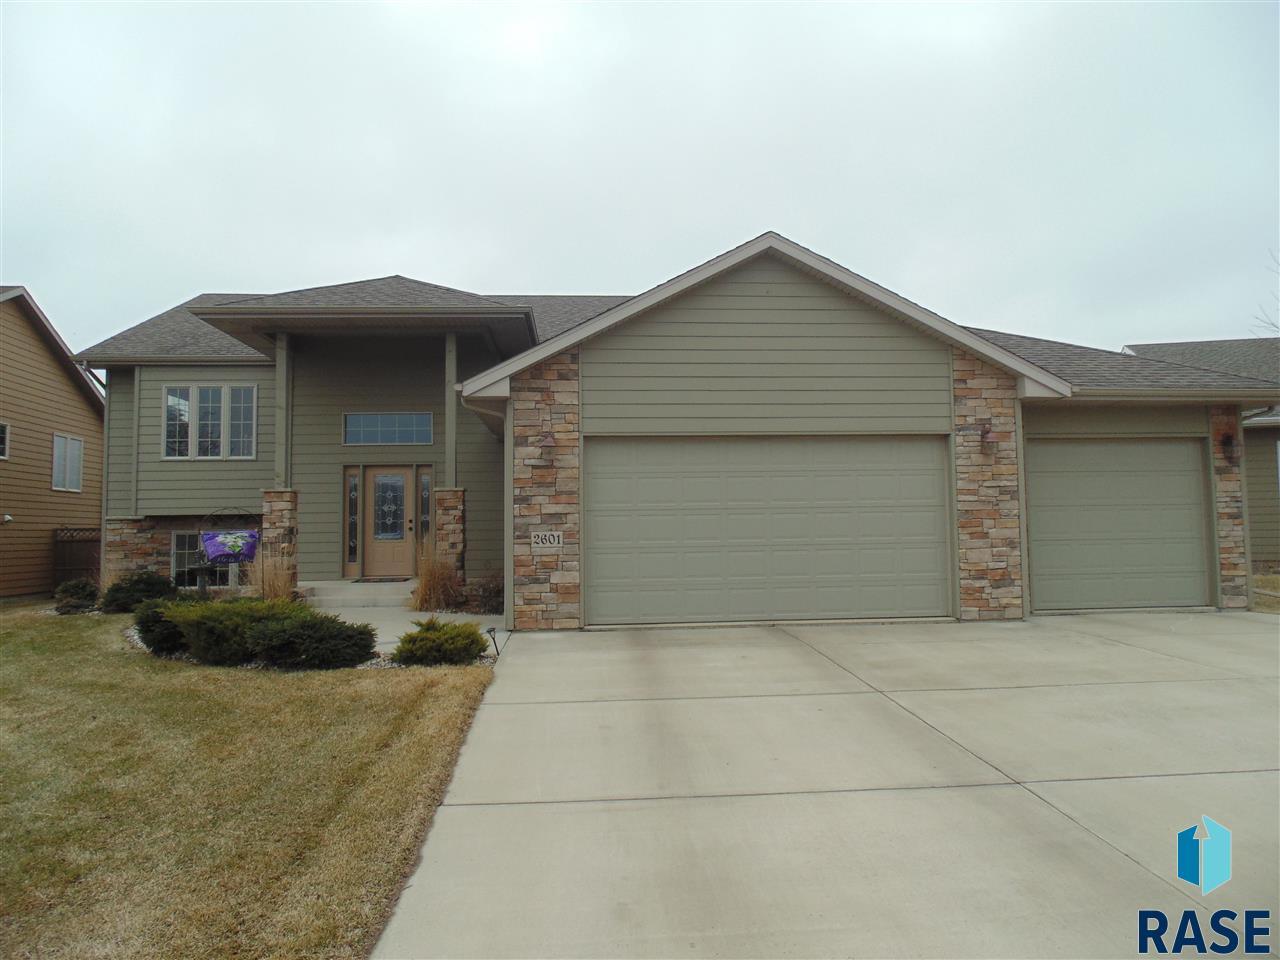 2601 E Kensington St, Sioux Falls, SD 57108